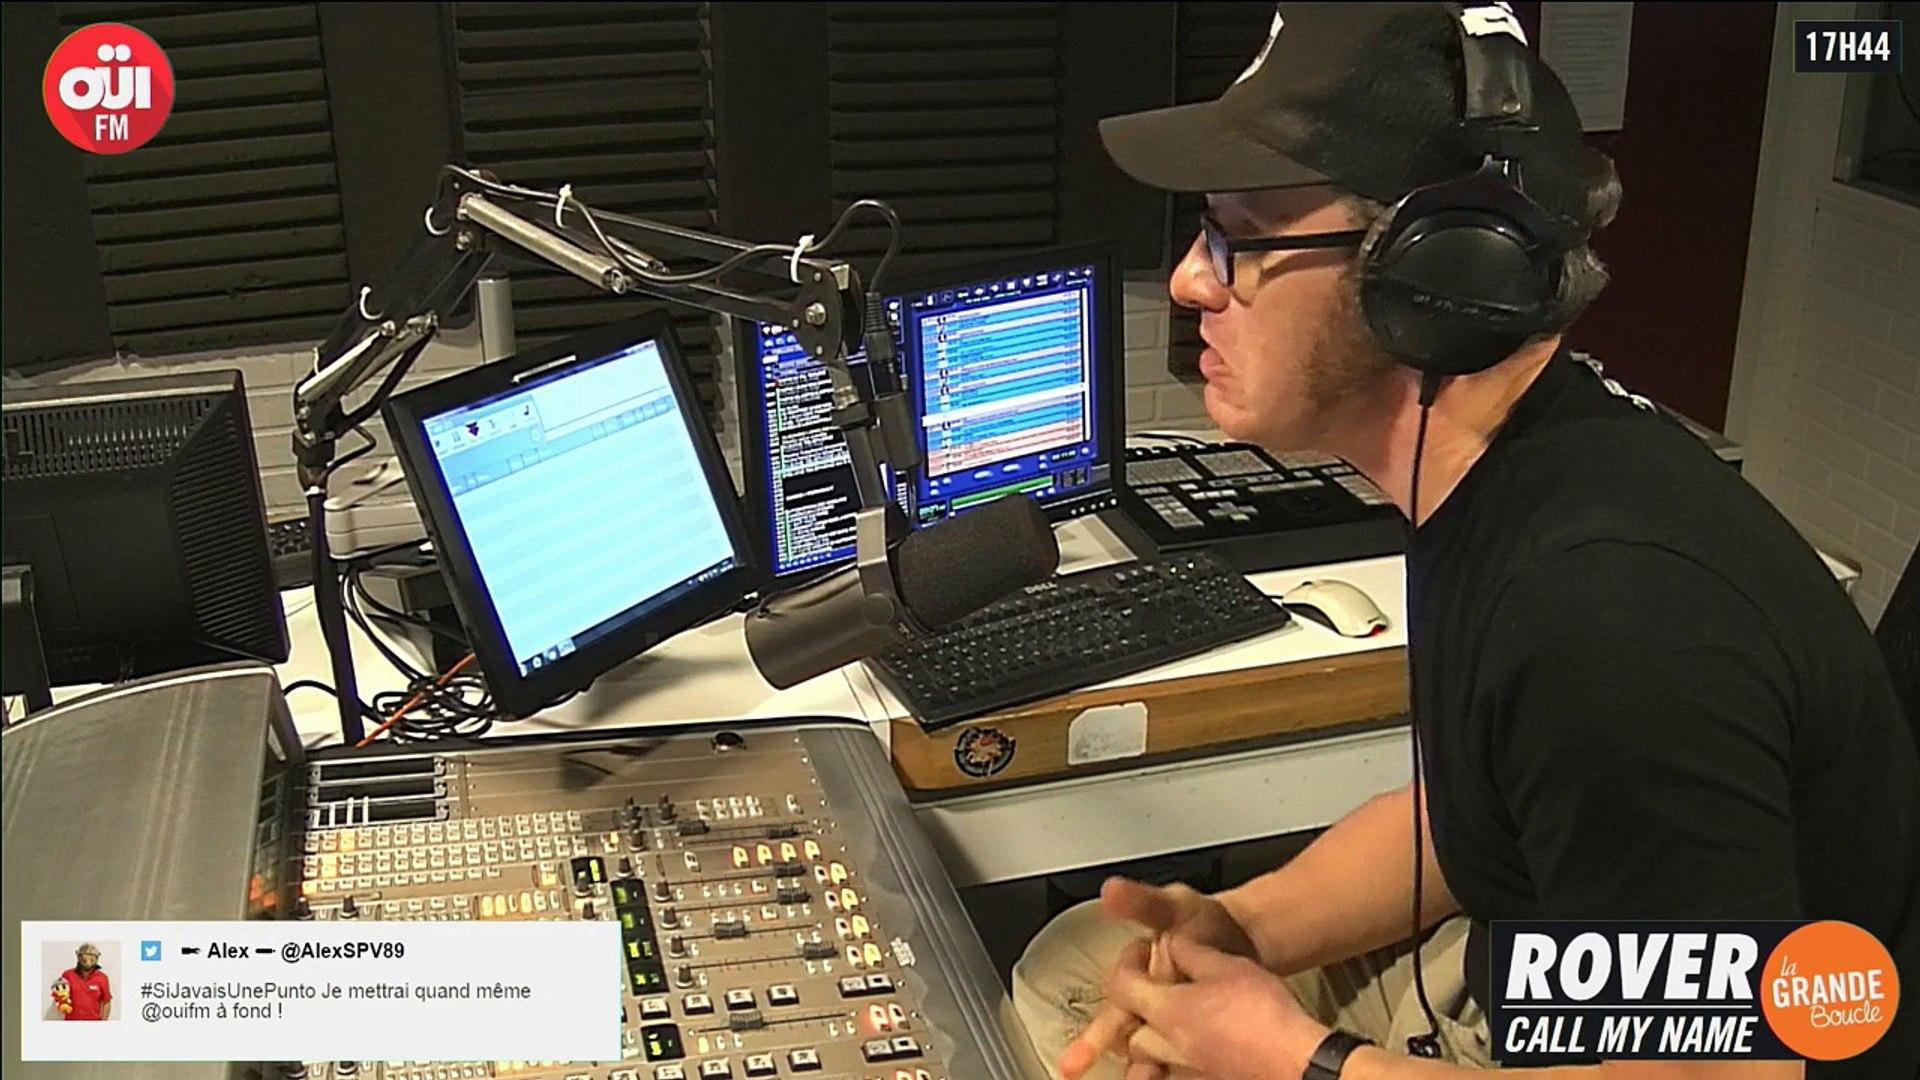 OUI FM en direct vidéo /// La radio s'écoute aussi avec les yeux (889)